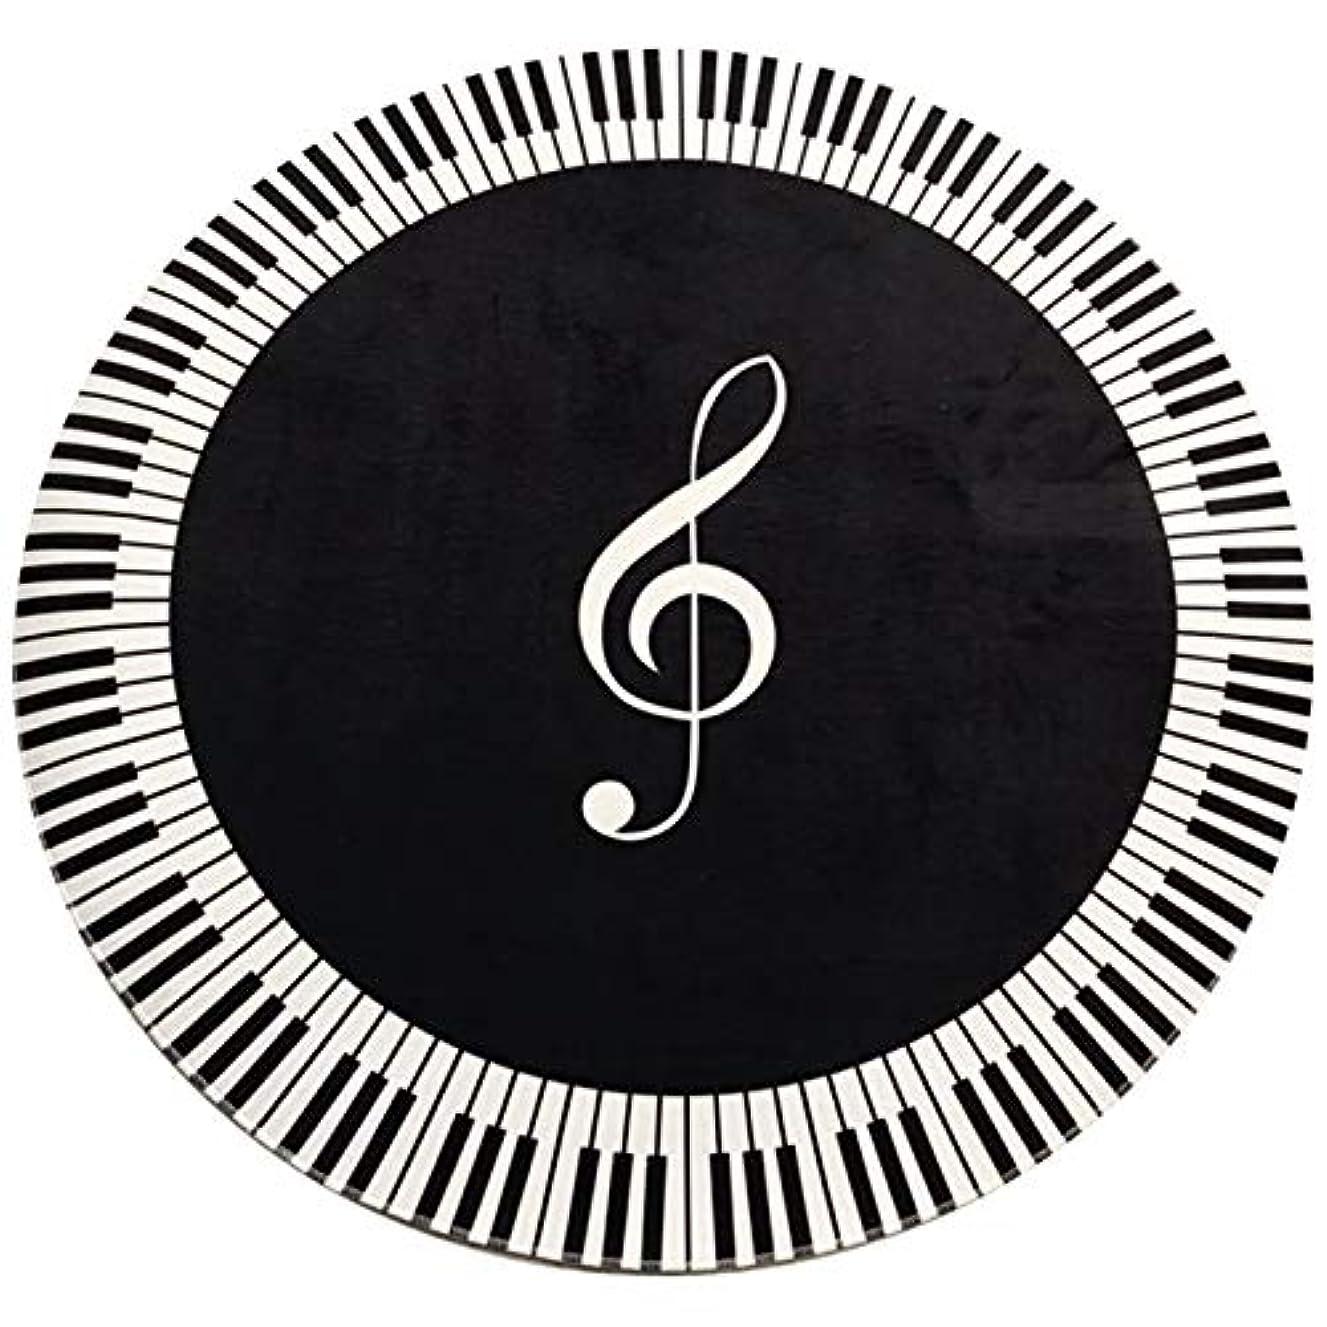 かる保全はげCUHAWUDBA 新しいカーペット、音楽記号、ピアノキー、黒色 & 白色、丸いカーペット、滑り止めカーペット、家庭用ベッドルームのマット、フロアの飾り物